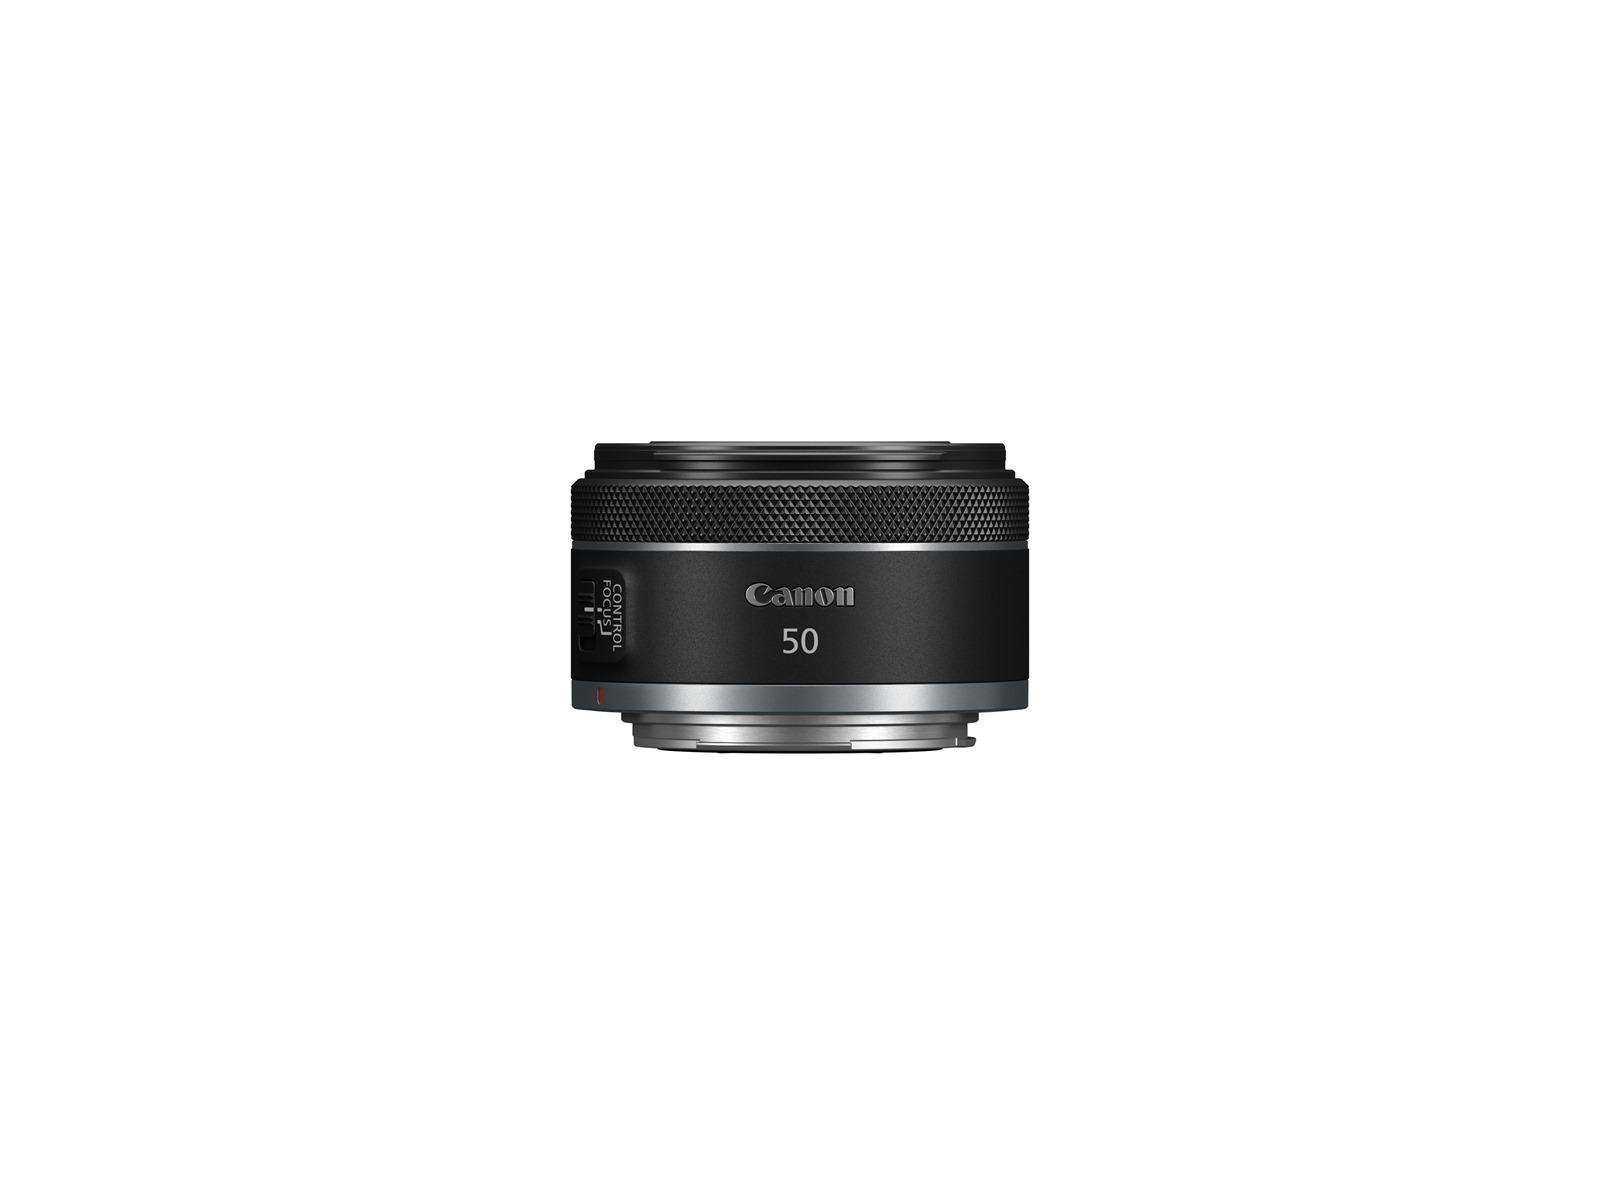 Canon 全新 RF 50mm f/1.8 STM 大光圈標準定焦鏡頭正式開賣 @3C 達人廖阿輝